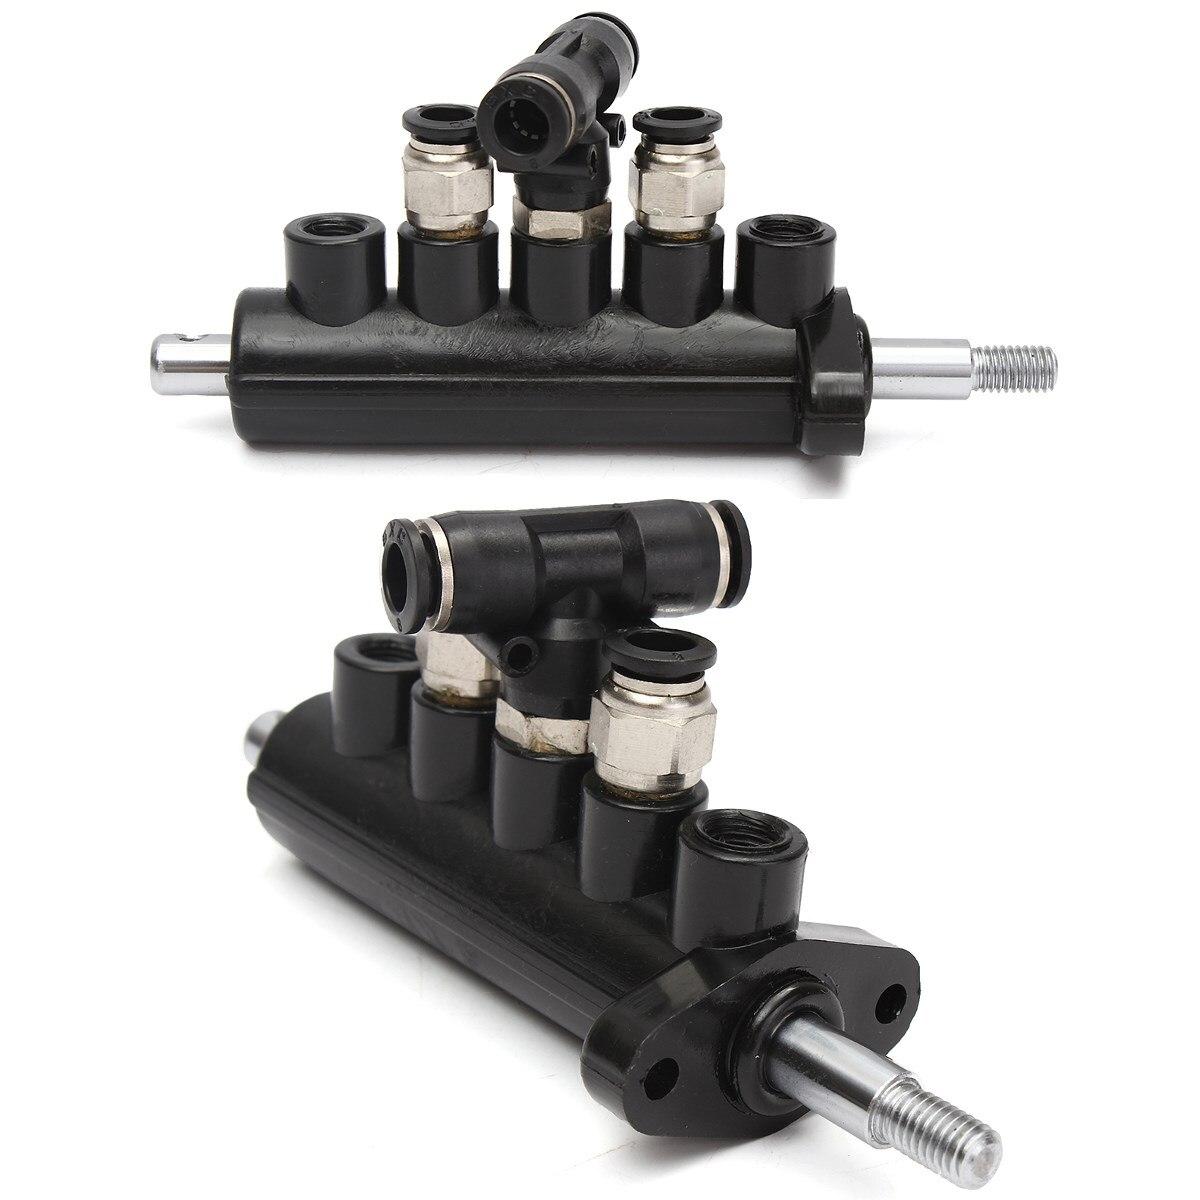 1 قطعة صمام التحكم في الهواء دواسة القدم صمام ل رينجر النسر ماكينة تغيير الإطارات R850